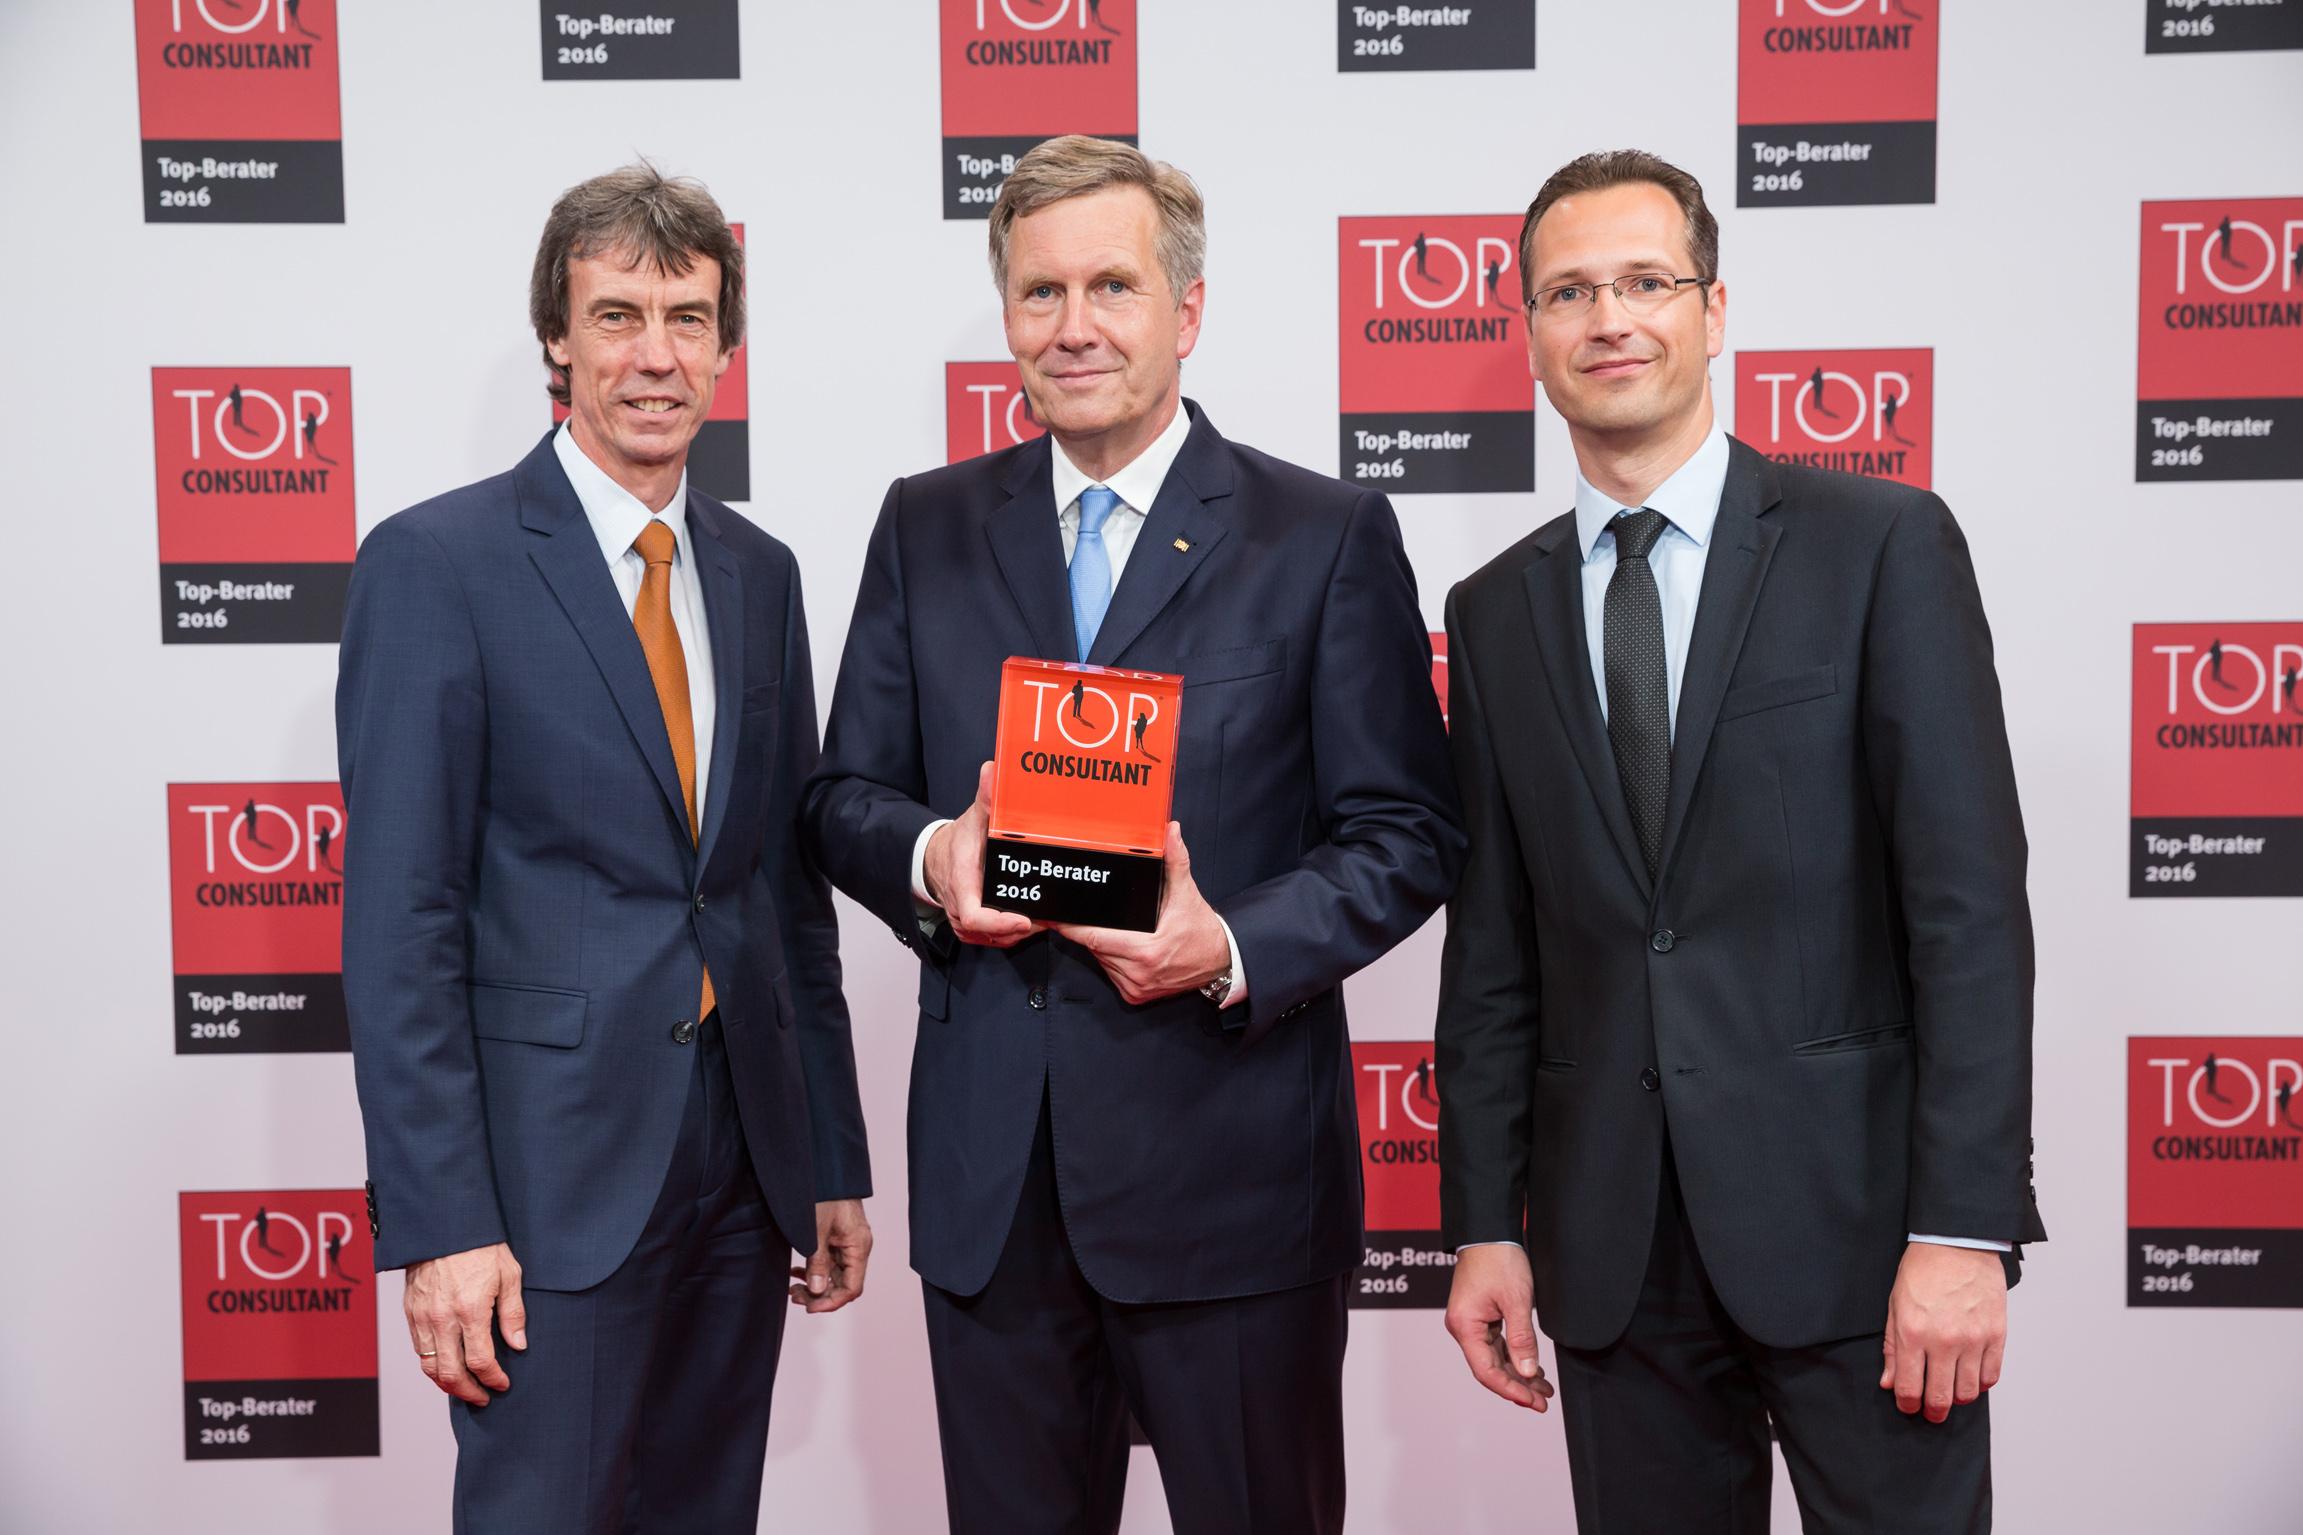 LOCOM freut sich über die Auszeichnung als TOP CONSULTANT